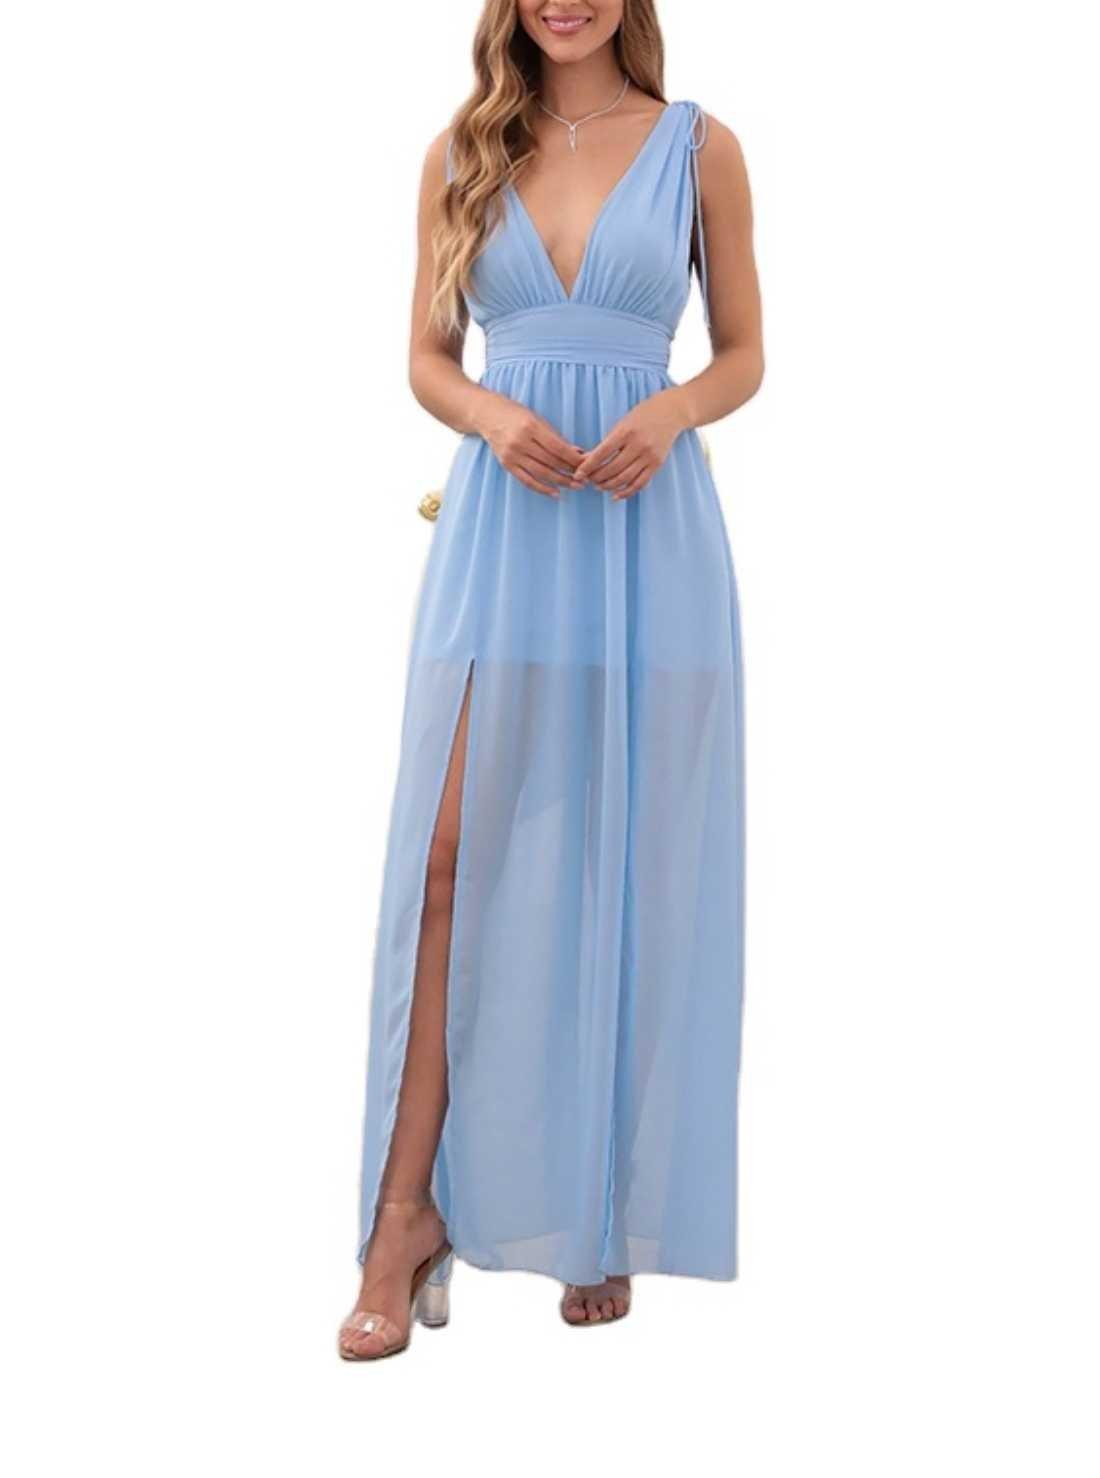 High Rise Maxi Dress